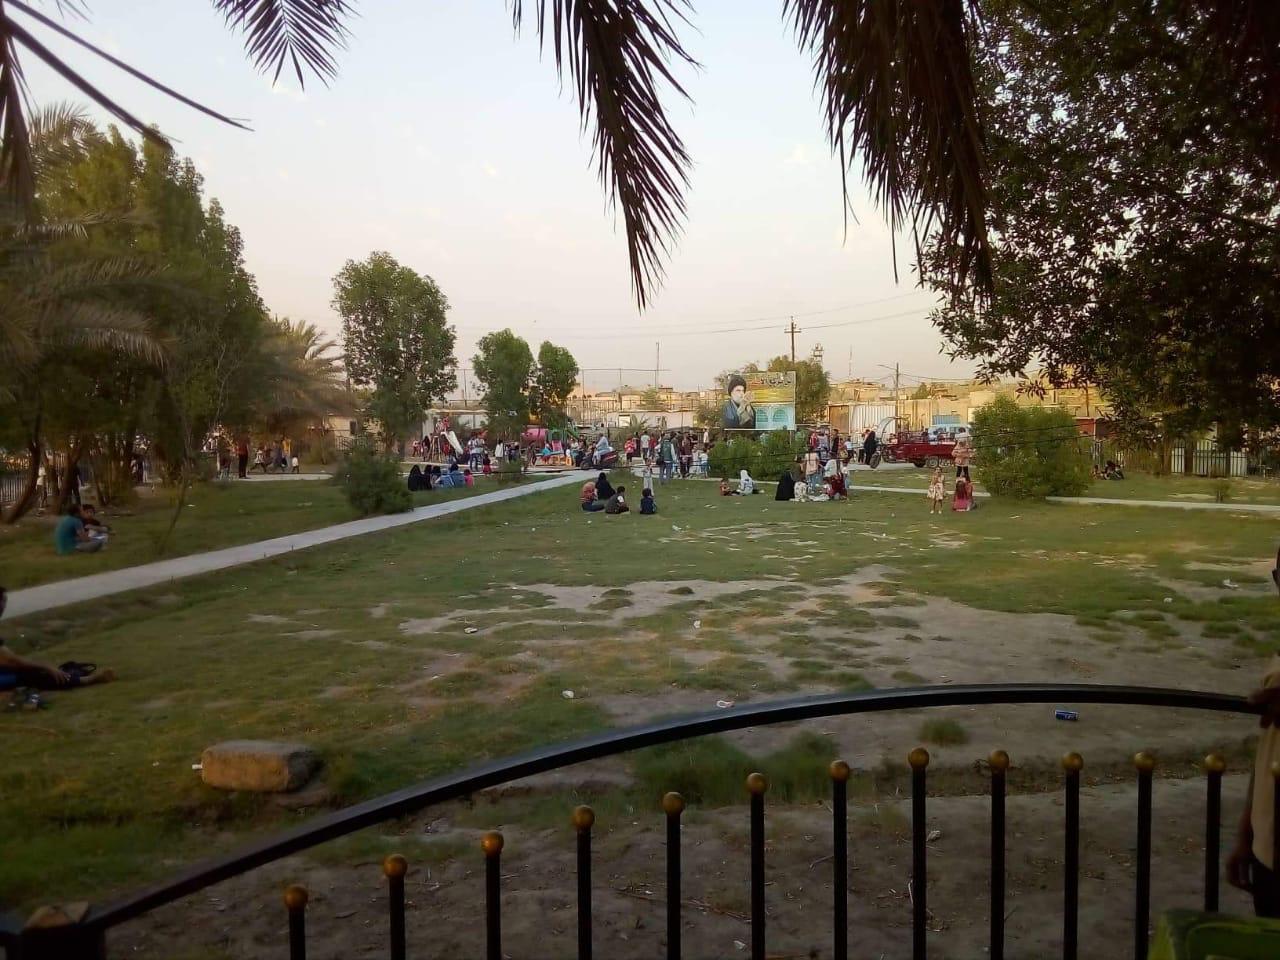 حدائق ومتنزهات بغداد تستقبل آلاف العوائل خلال ايّام العيد